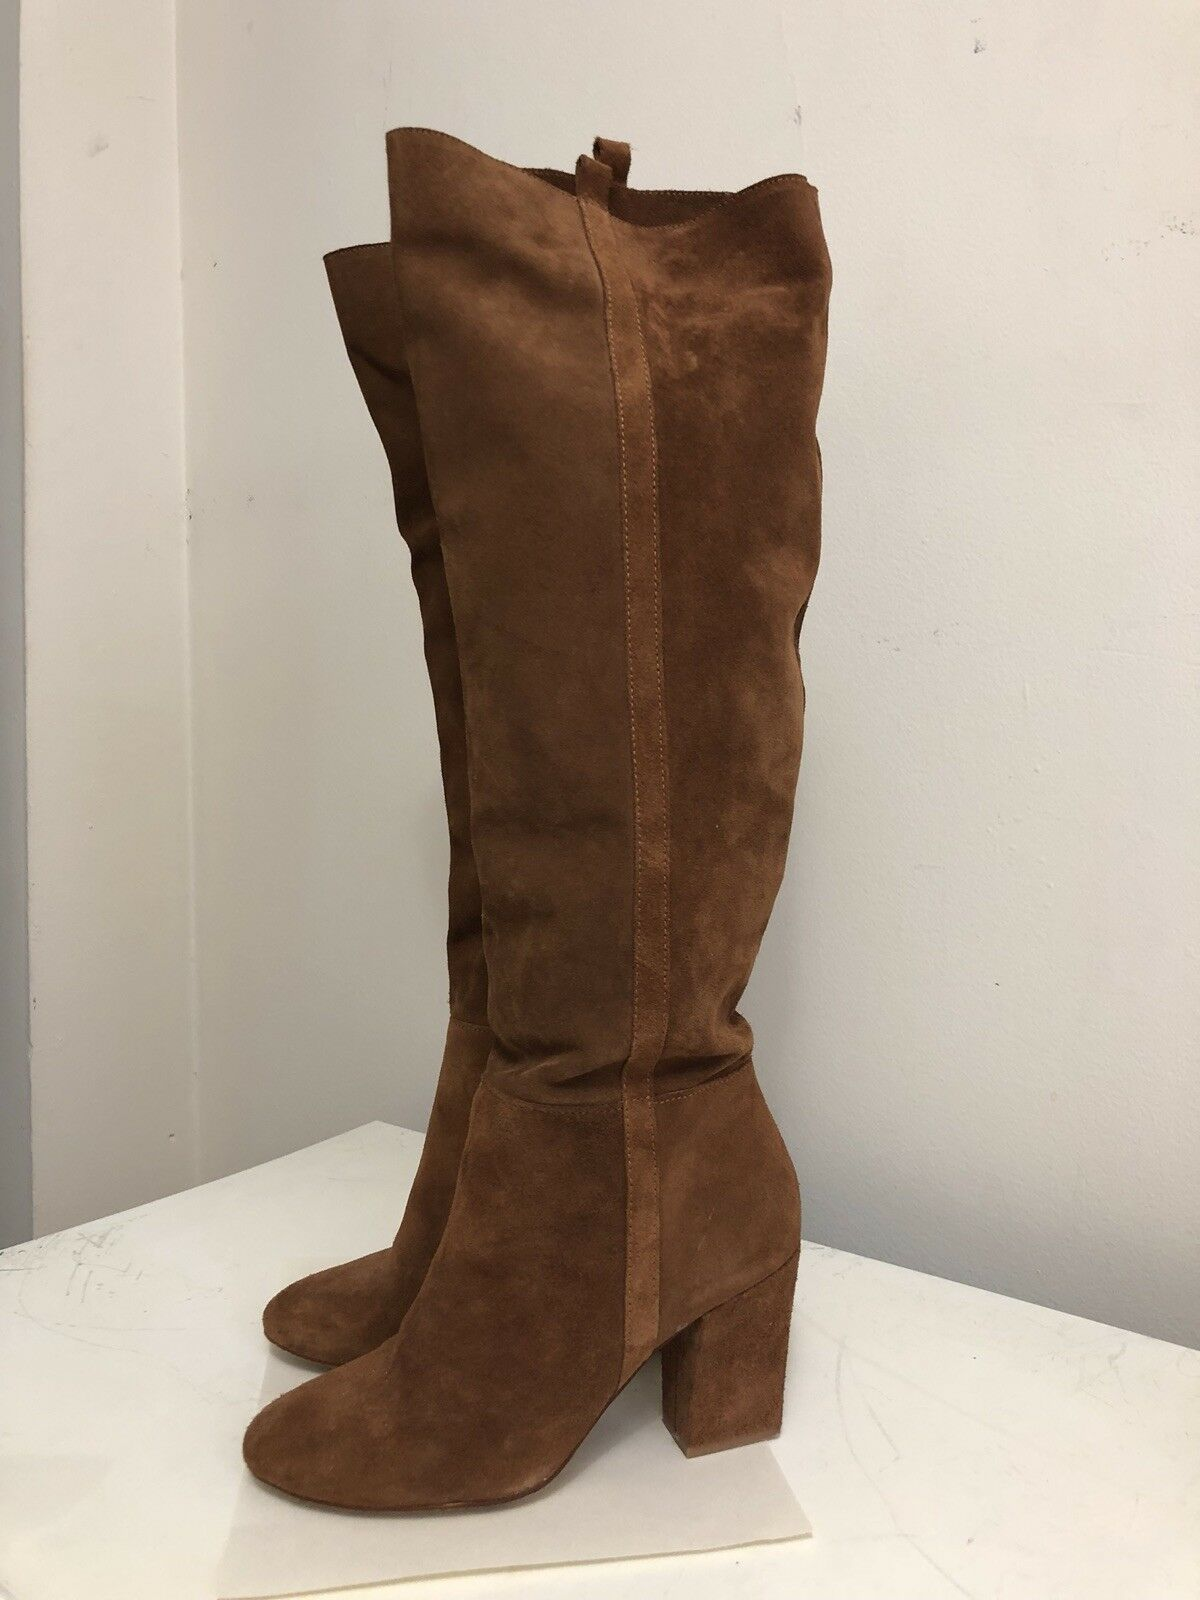 Nuevo genuino del ante marrón tostado Slouch Slouchy Talla la rodilla botas altas Zara 38 Talla Slouchy 8 930eae